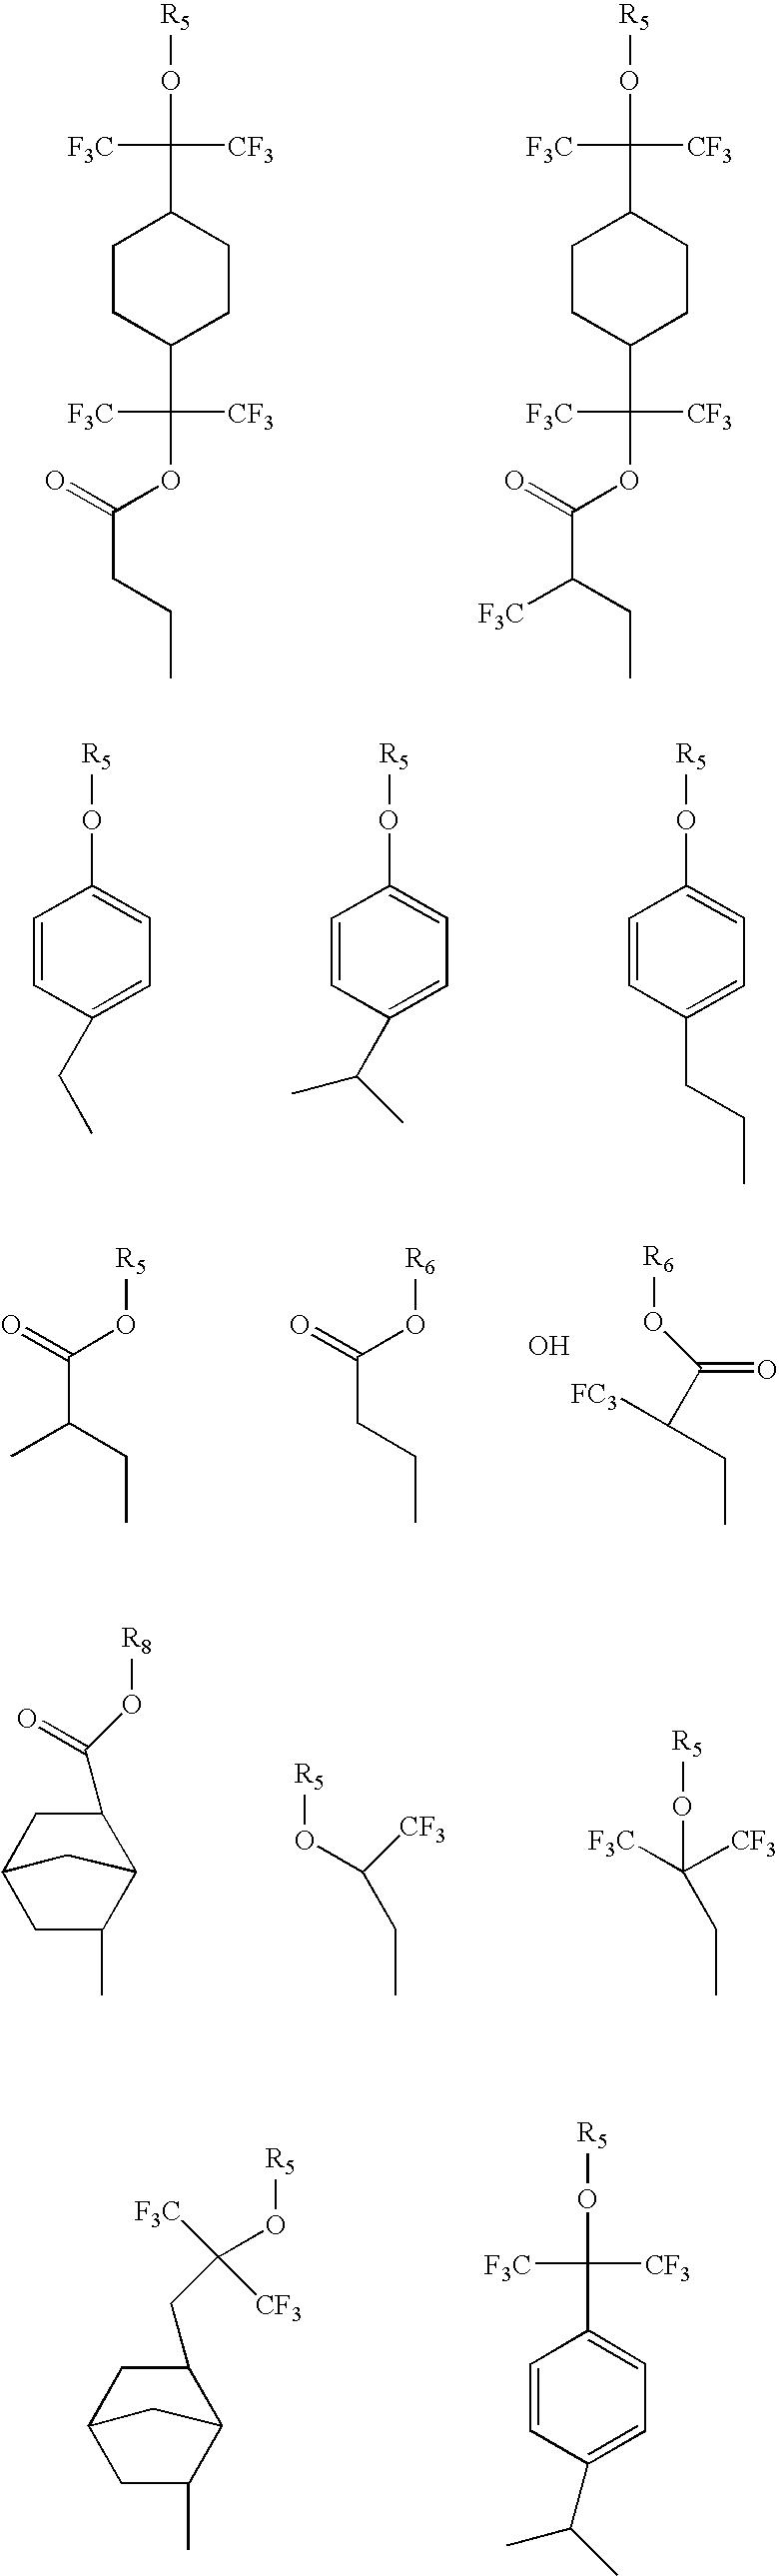 Figure US07306853-20071211-C00021